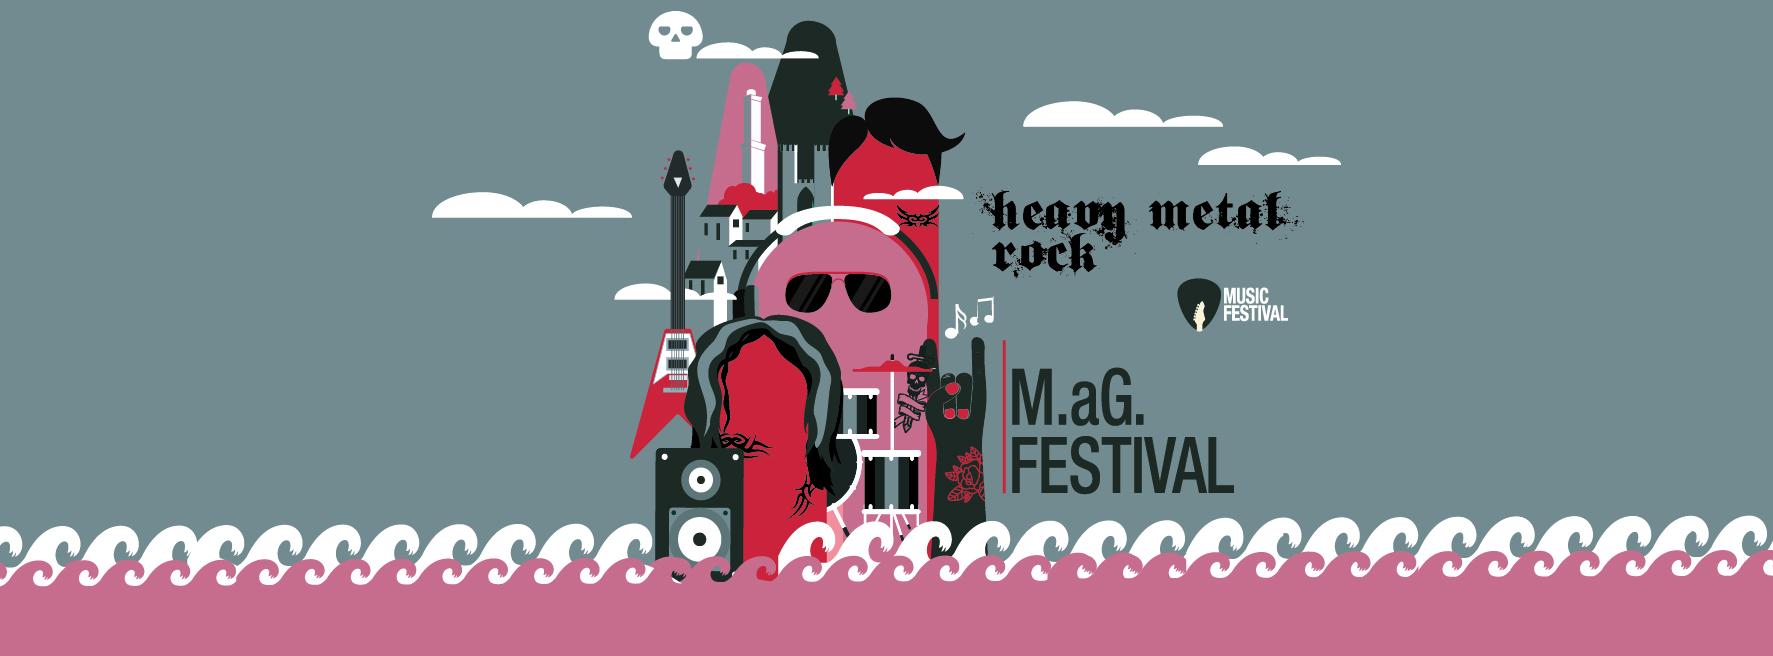 M.aG. Metal Festival 2017